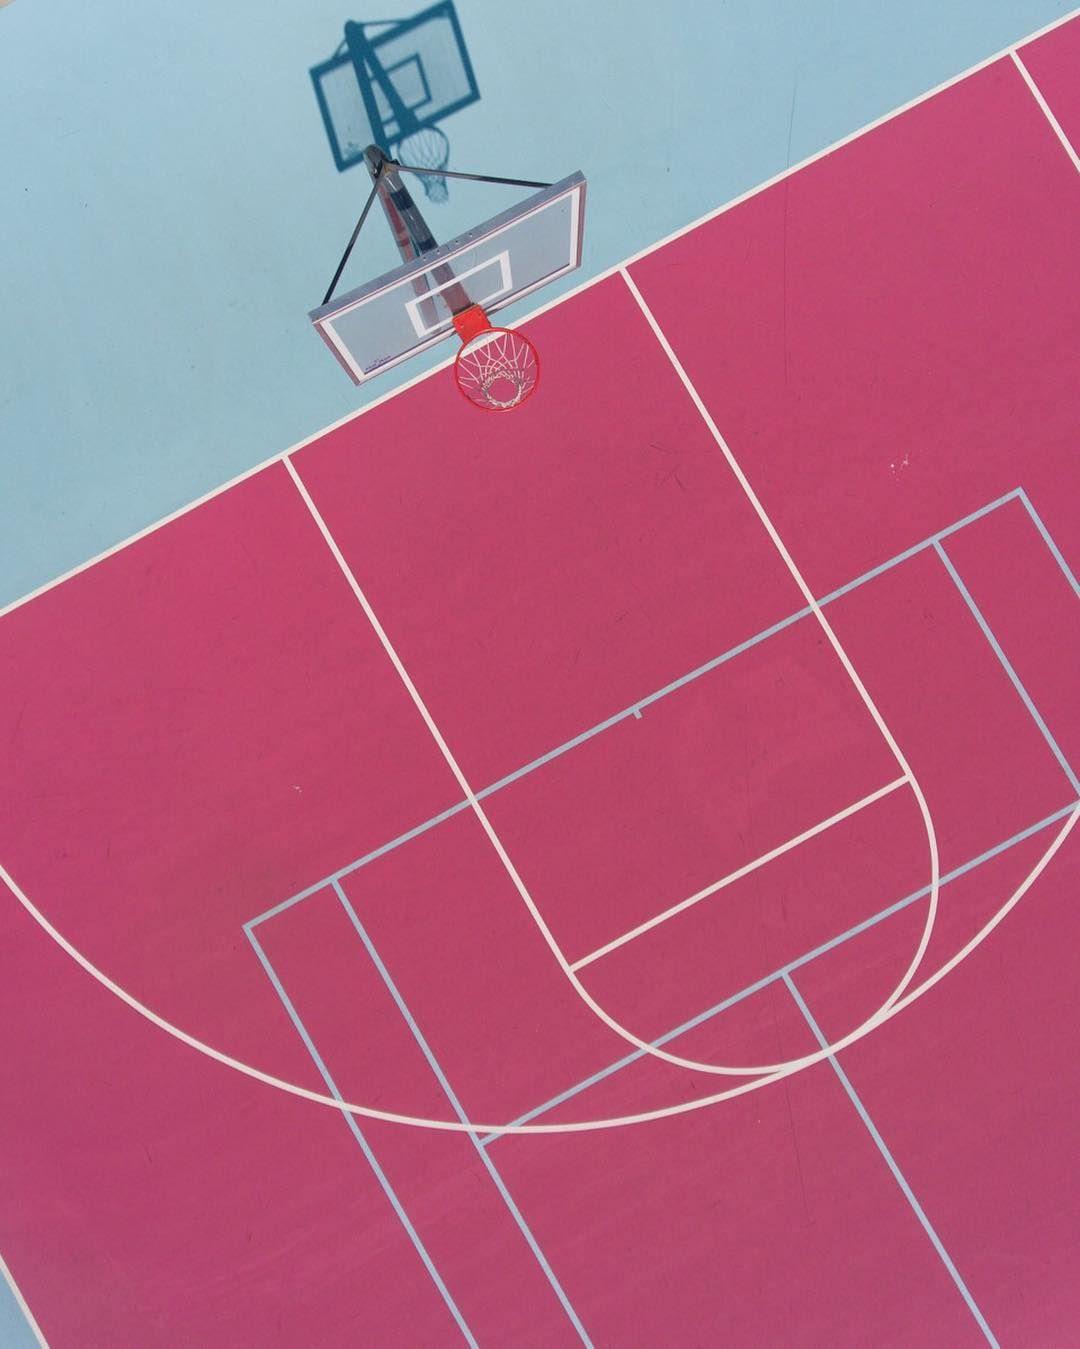 Hoop Dreams Hoop Dreams Aesthetic Wallpapers Sports Design